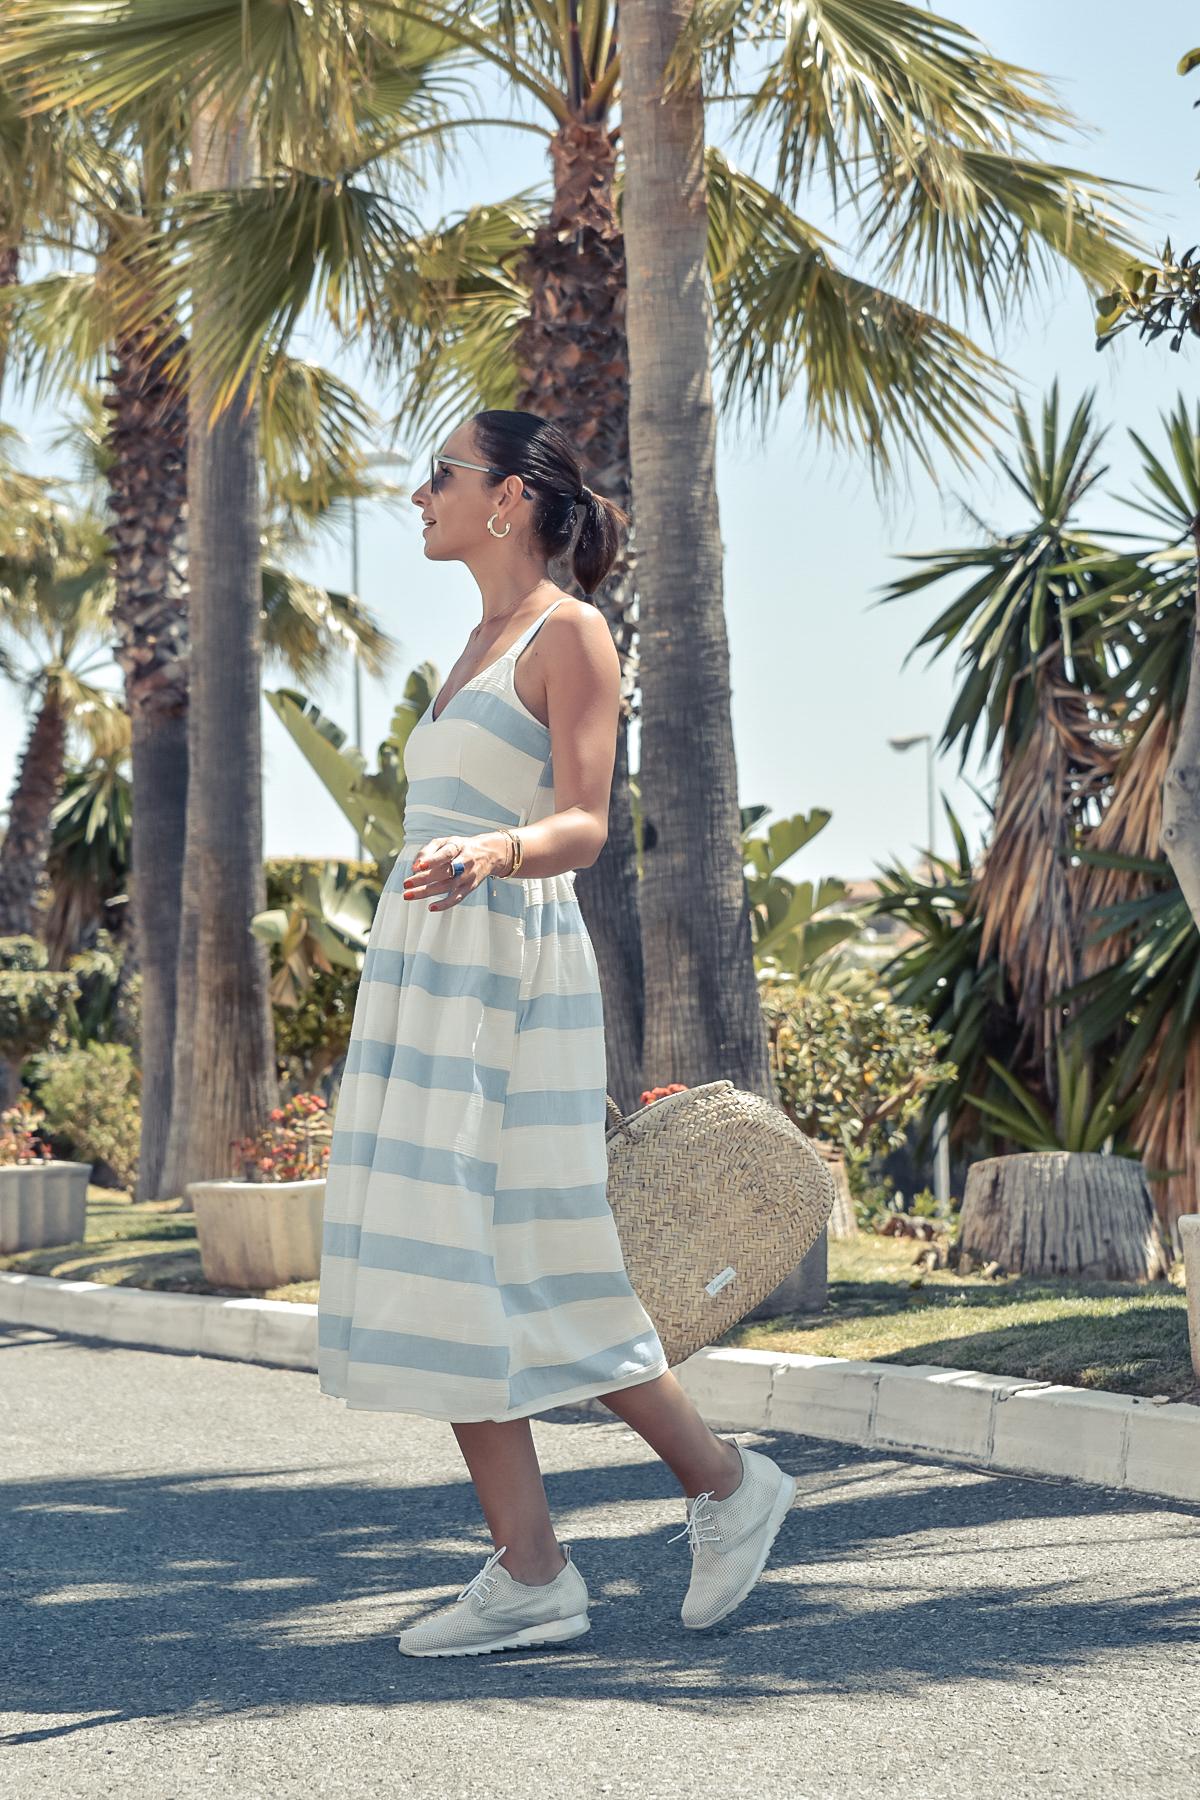 1-el-blog-de-silvia-vestido-rayas-azul-blanco-marbella